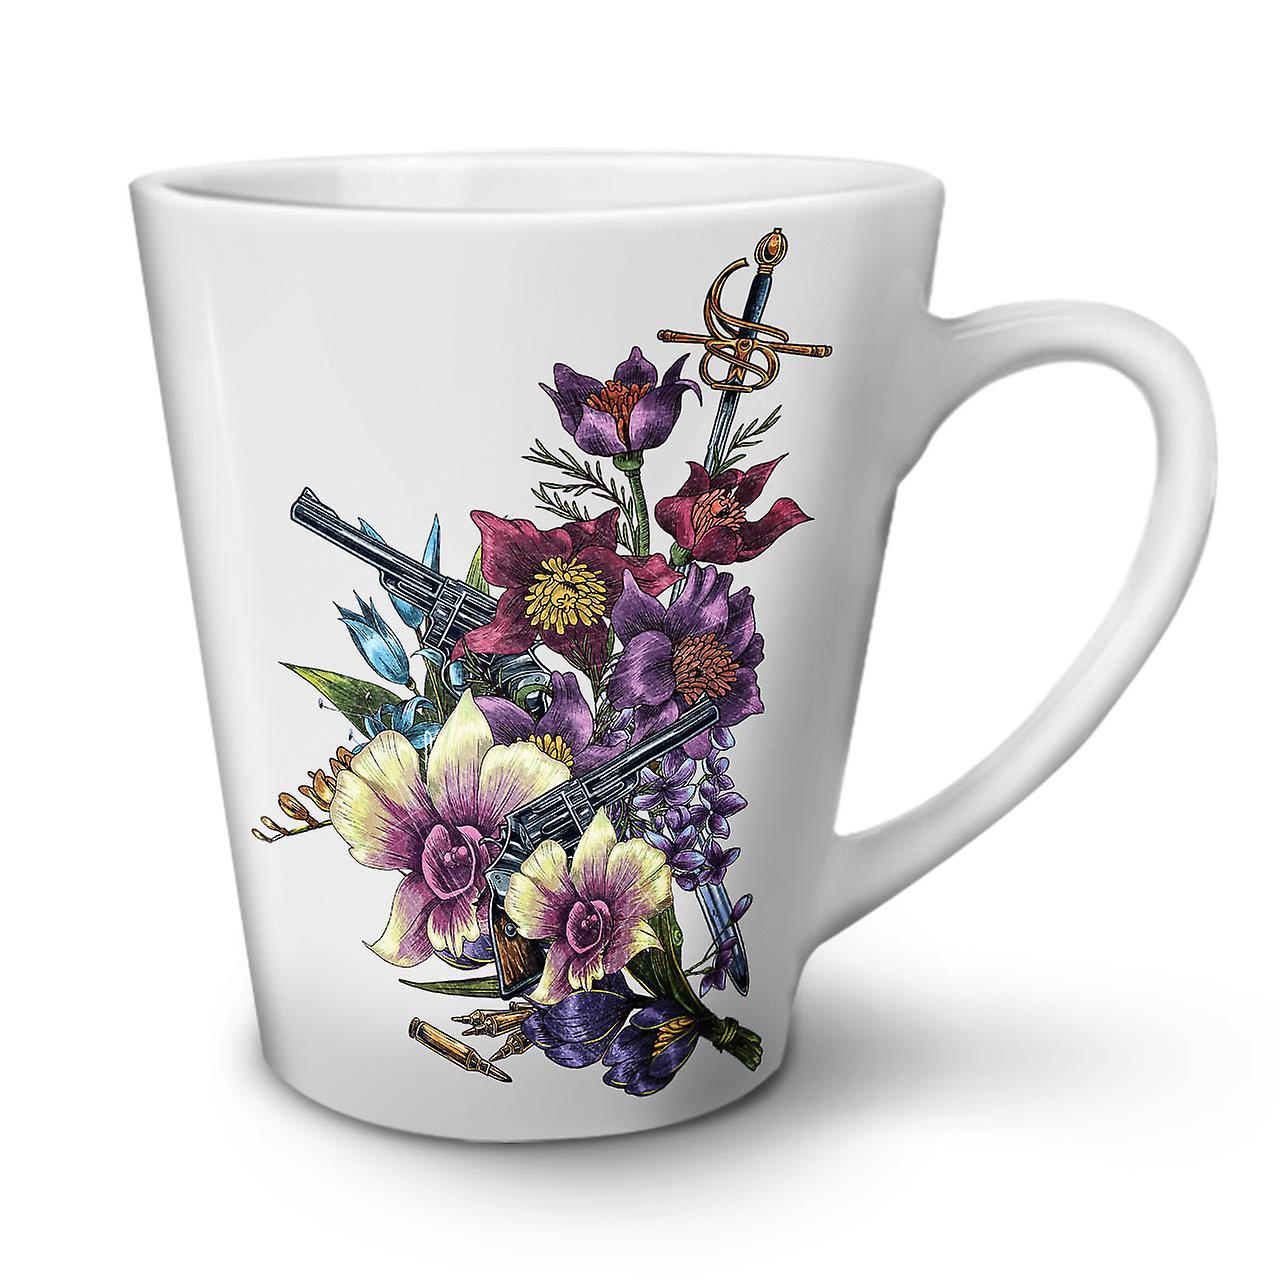 12 OzWellcoda Café Nouvelle Cool Latte Fleurs Tasse Blanc En De Céramique Pistolet Gangster y8NvwOmn0